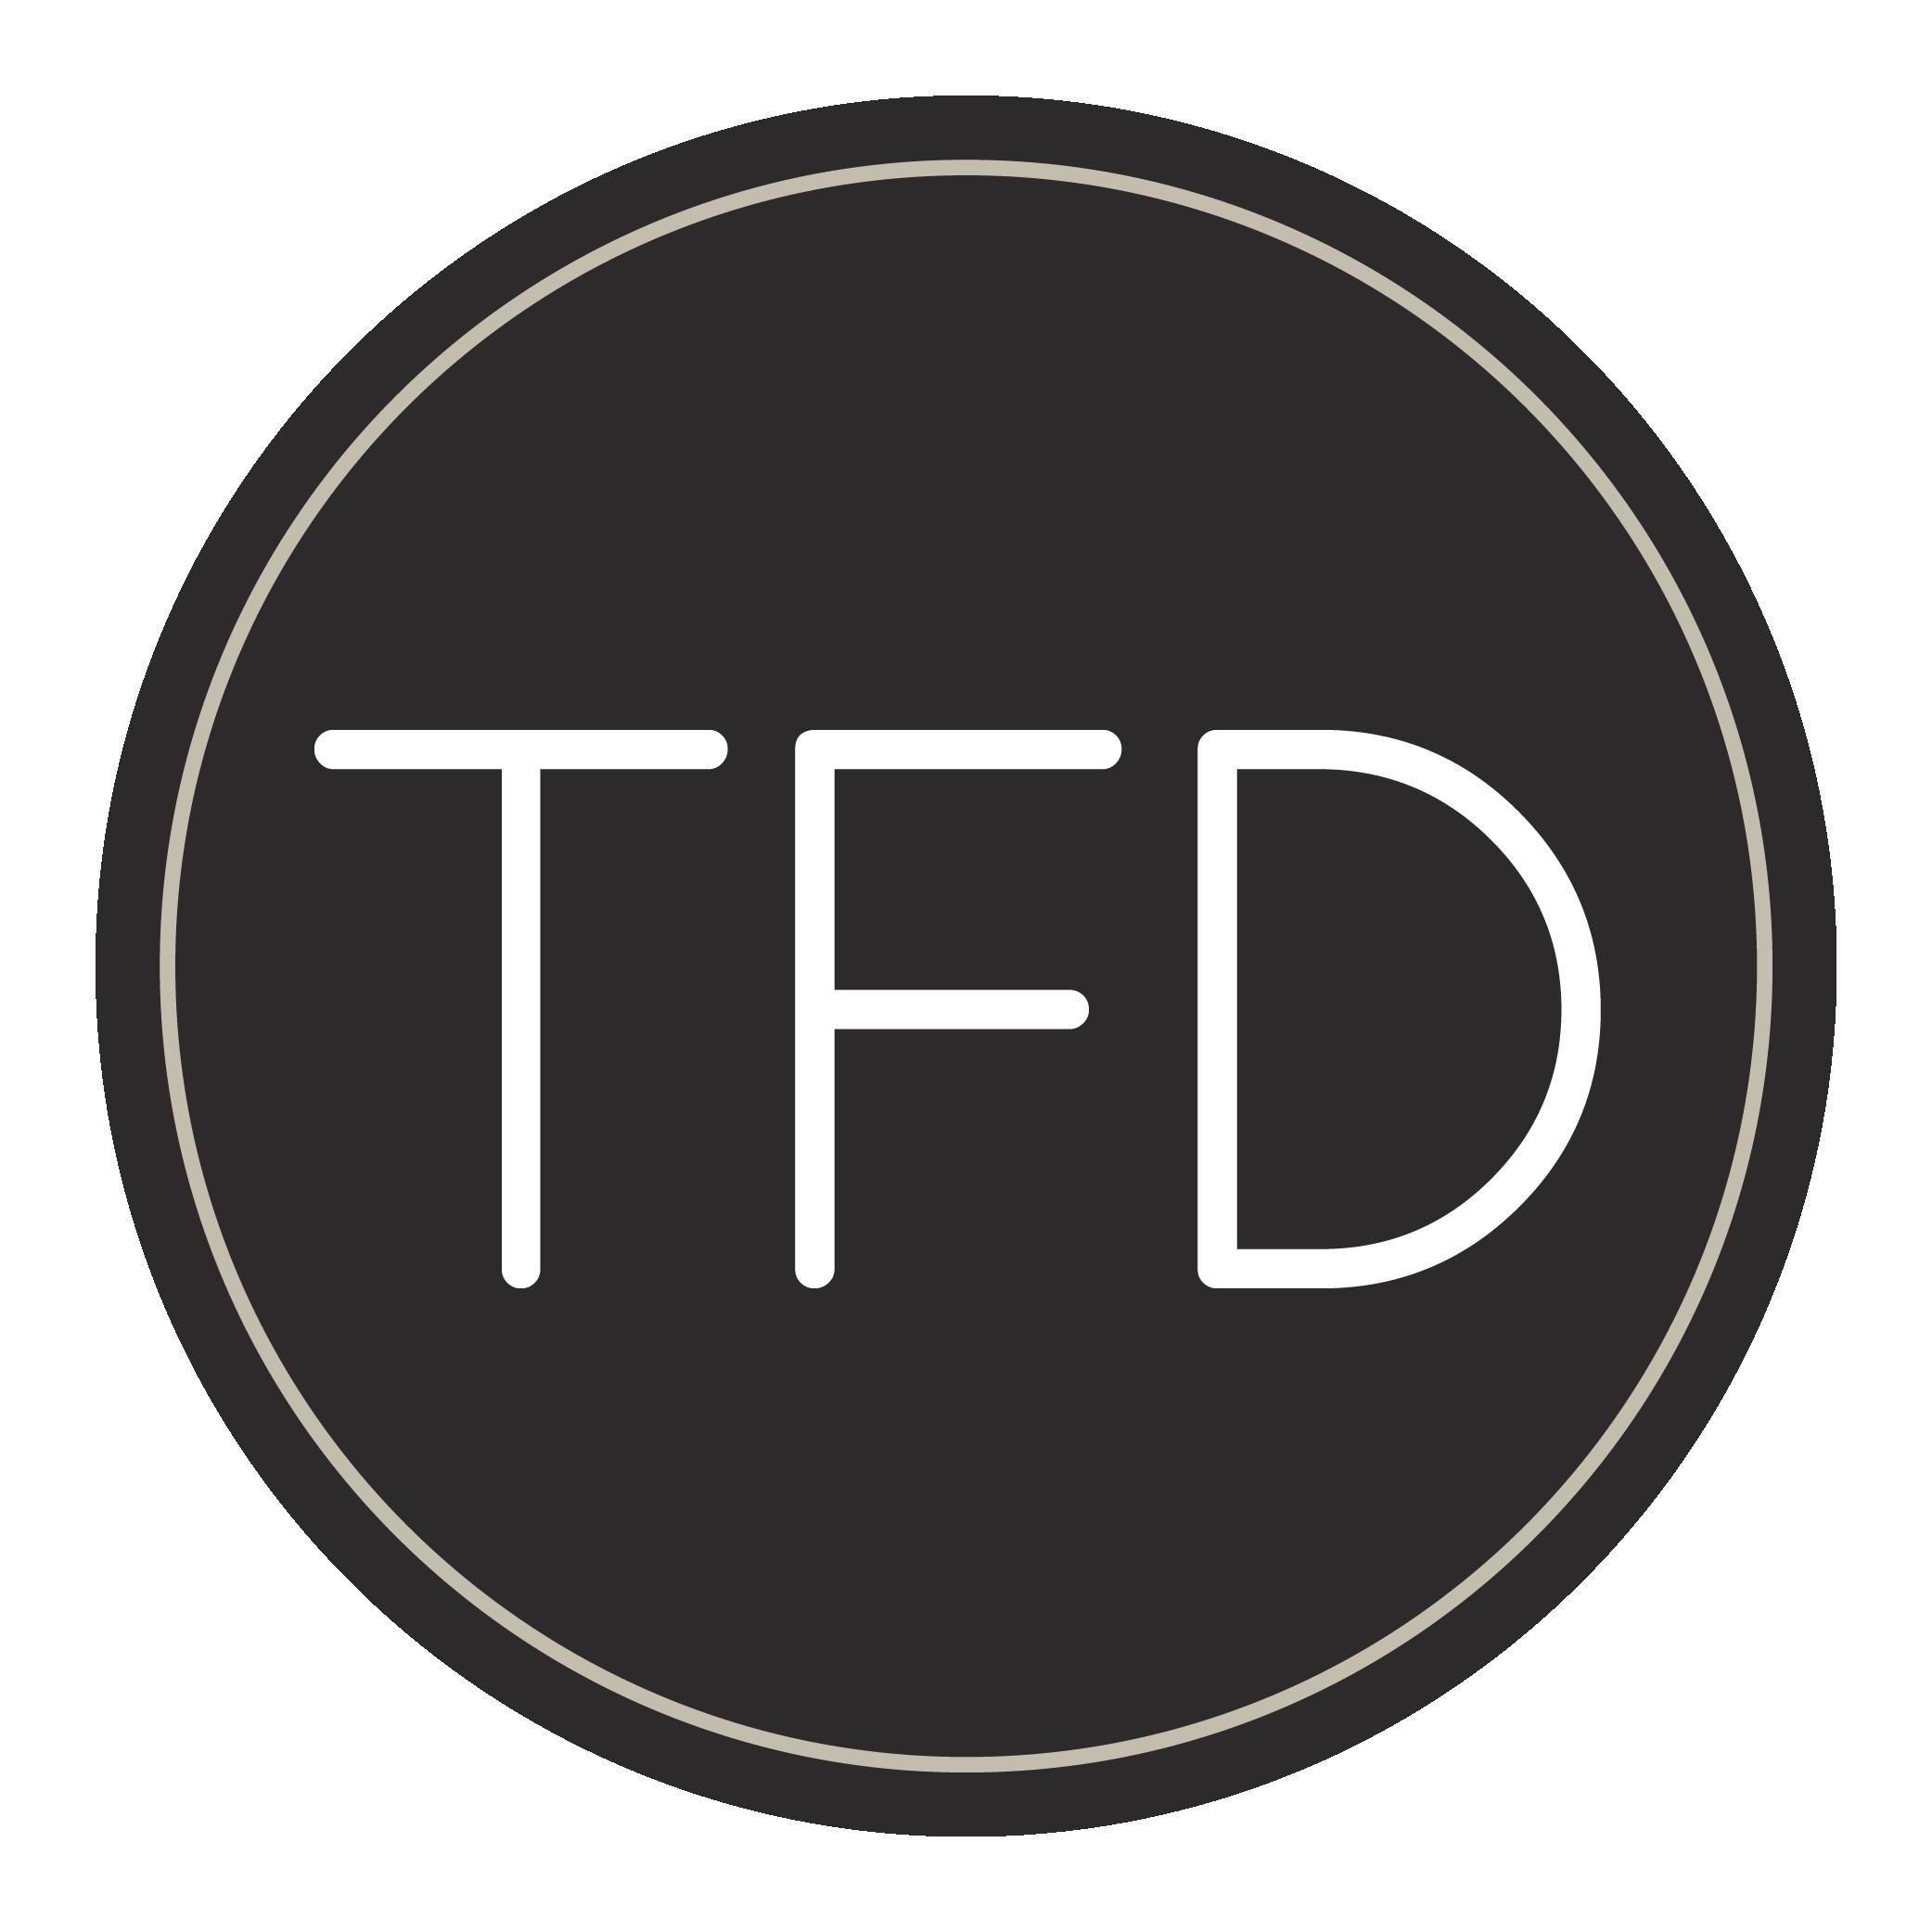 Image of TFD logo